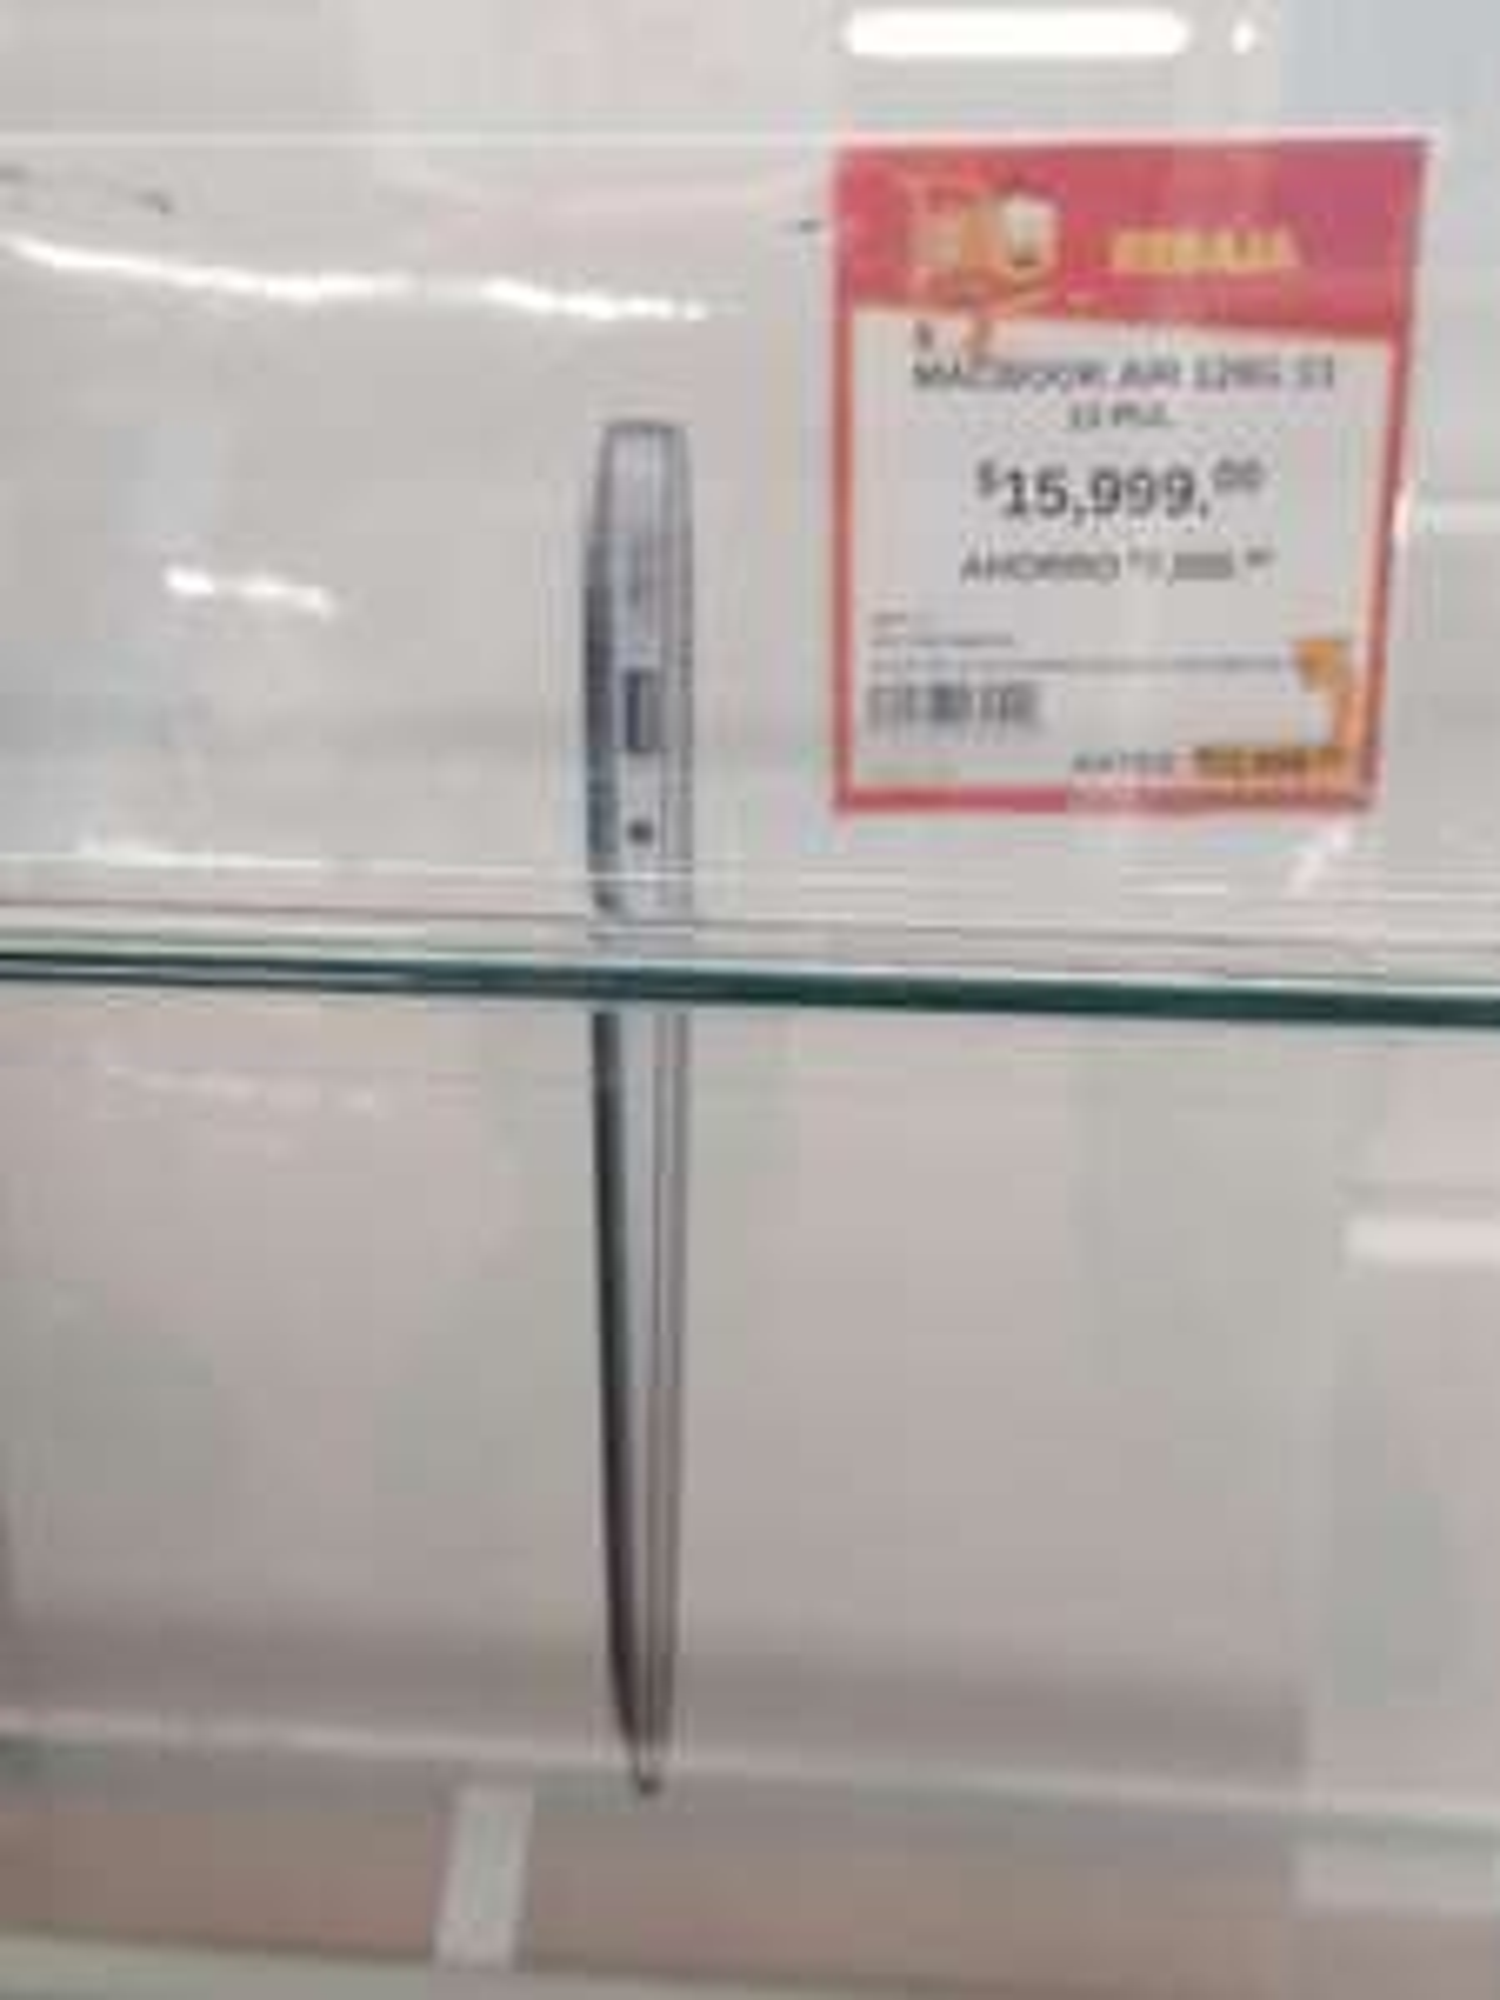 Walmart Xalapa: Macbook Air precio bajo